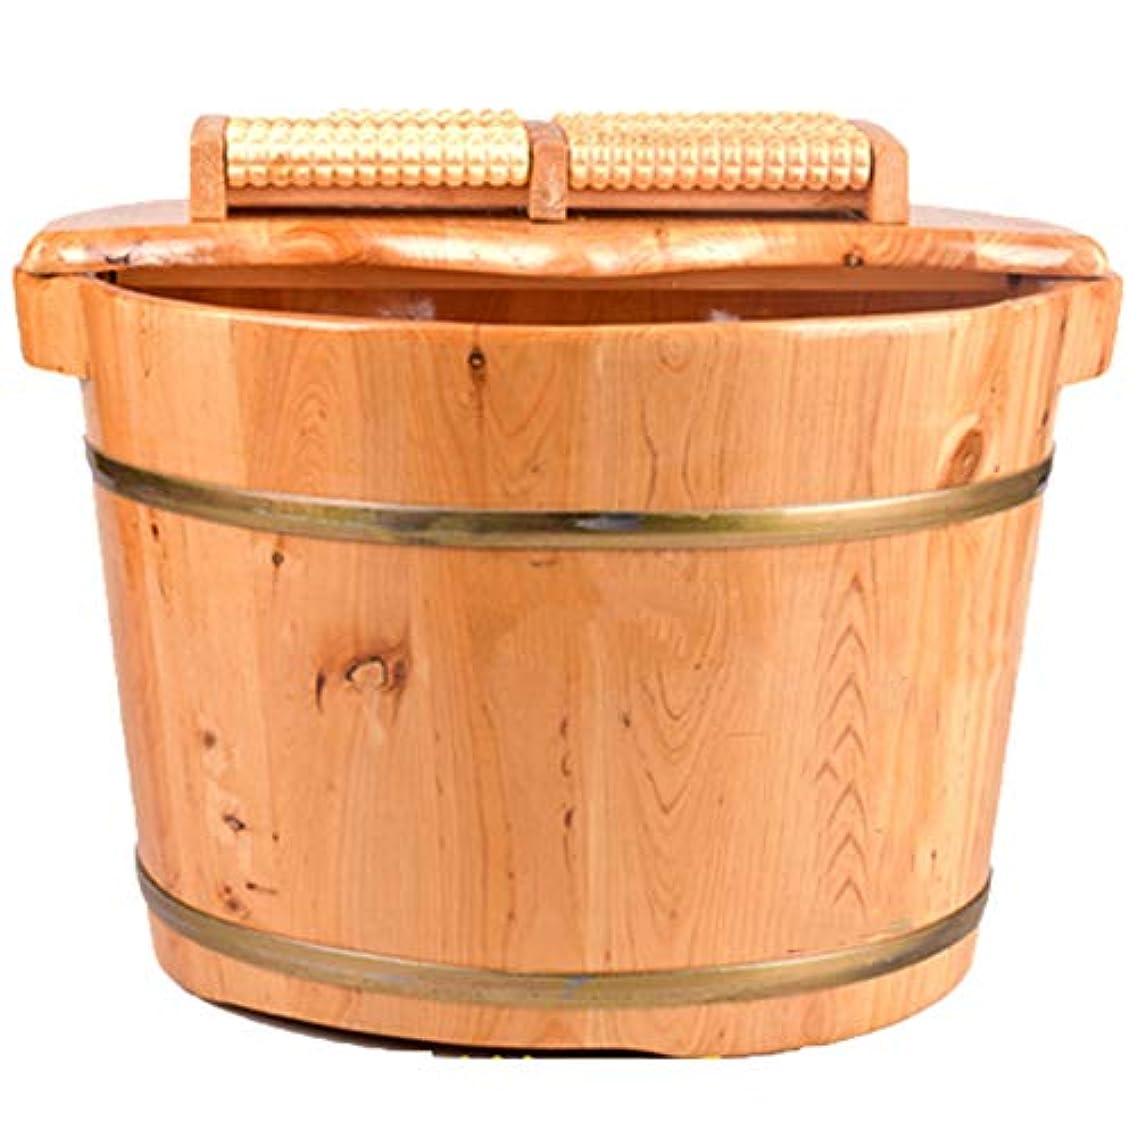 ストレンジャーけん引できればペディキュア盆地,軽量の木製家庭の木製の樽の足湯バスソリッドウッドの木管大人のトランペット